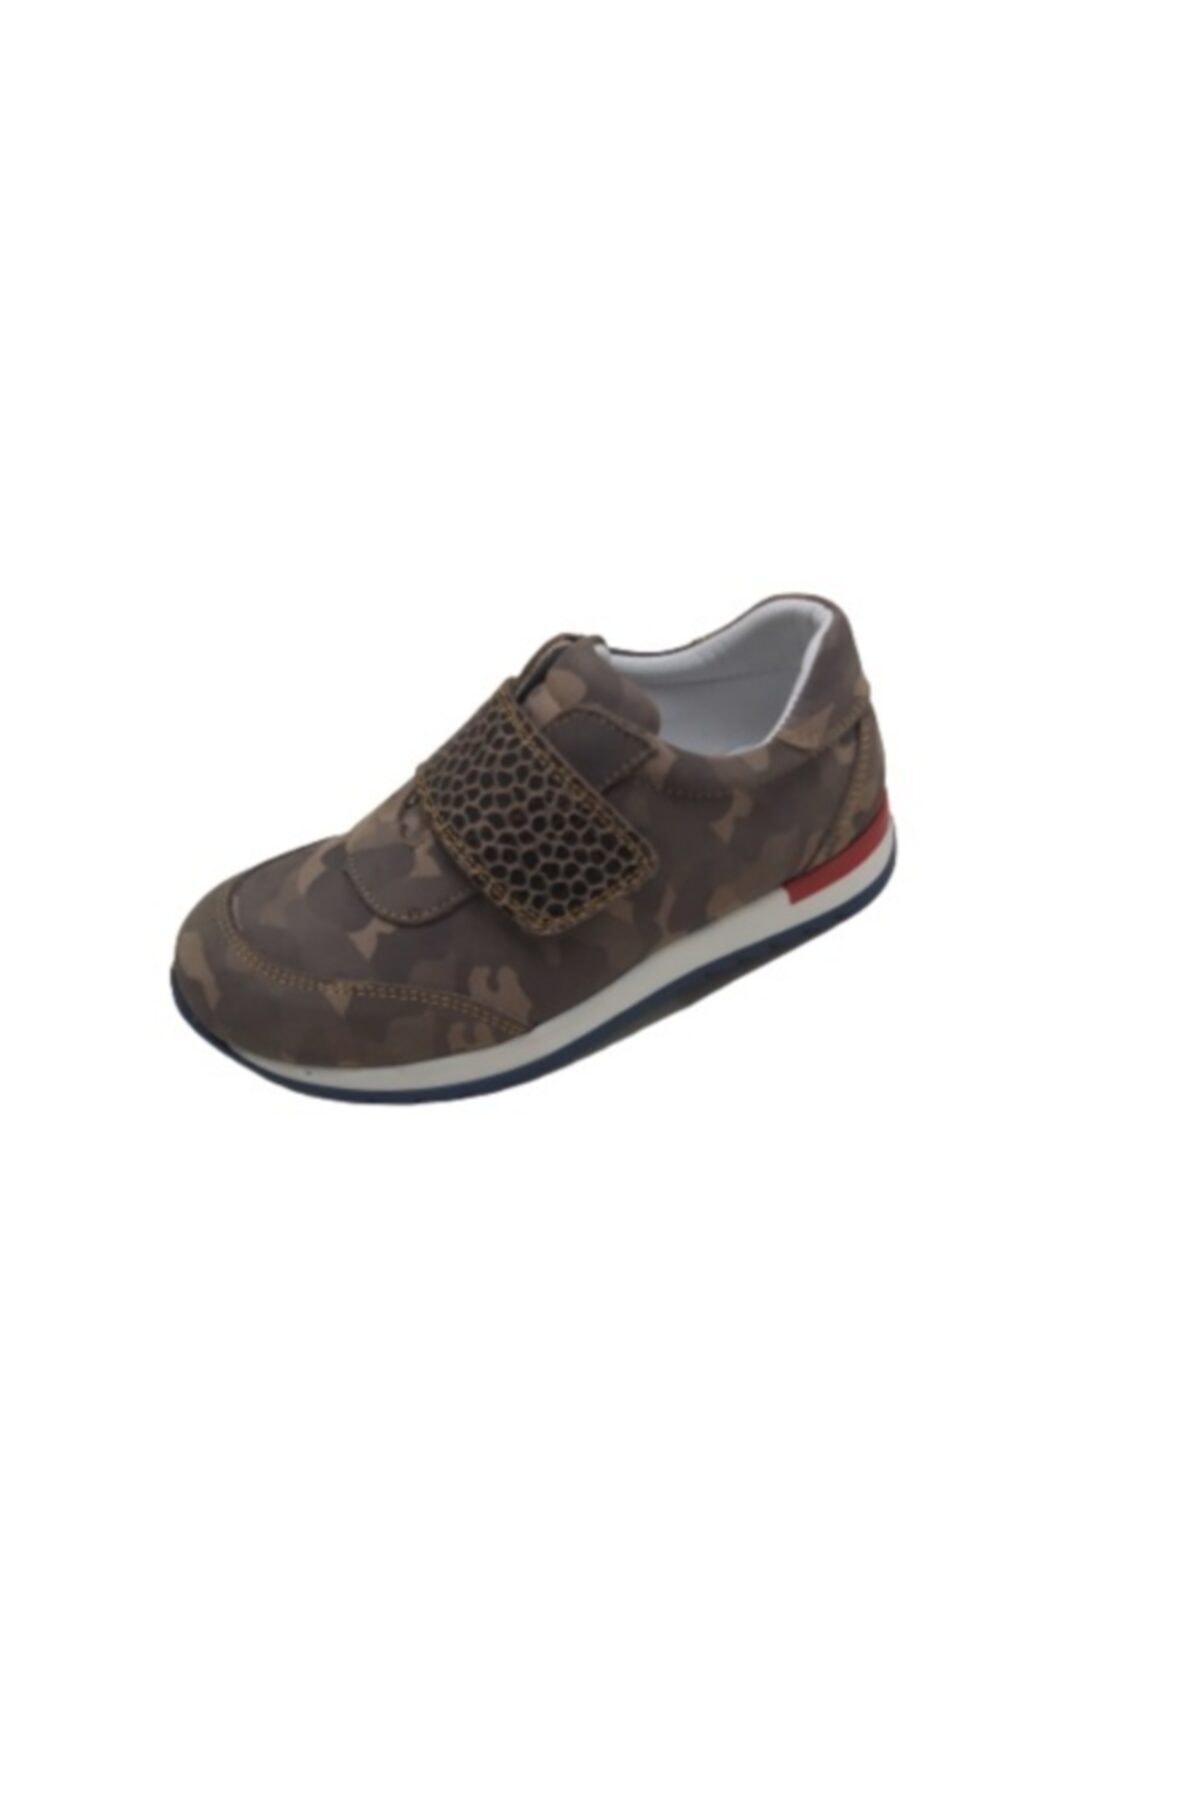 Denom Ortapedik Shoes Çocuk Spor Ayakkabı 1